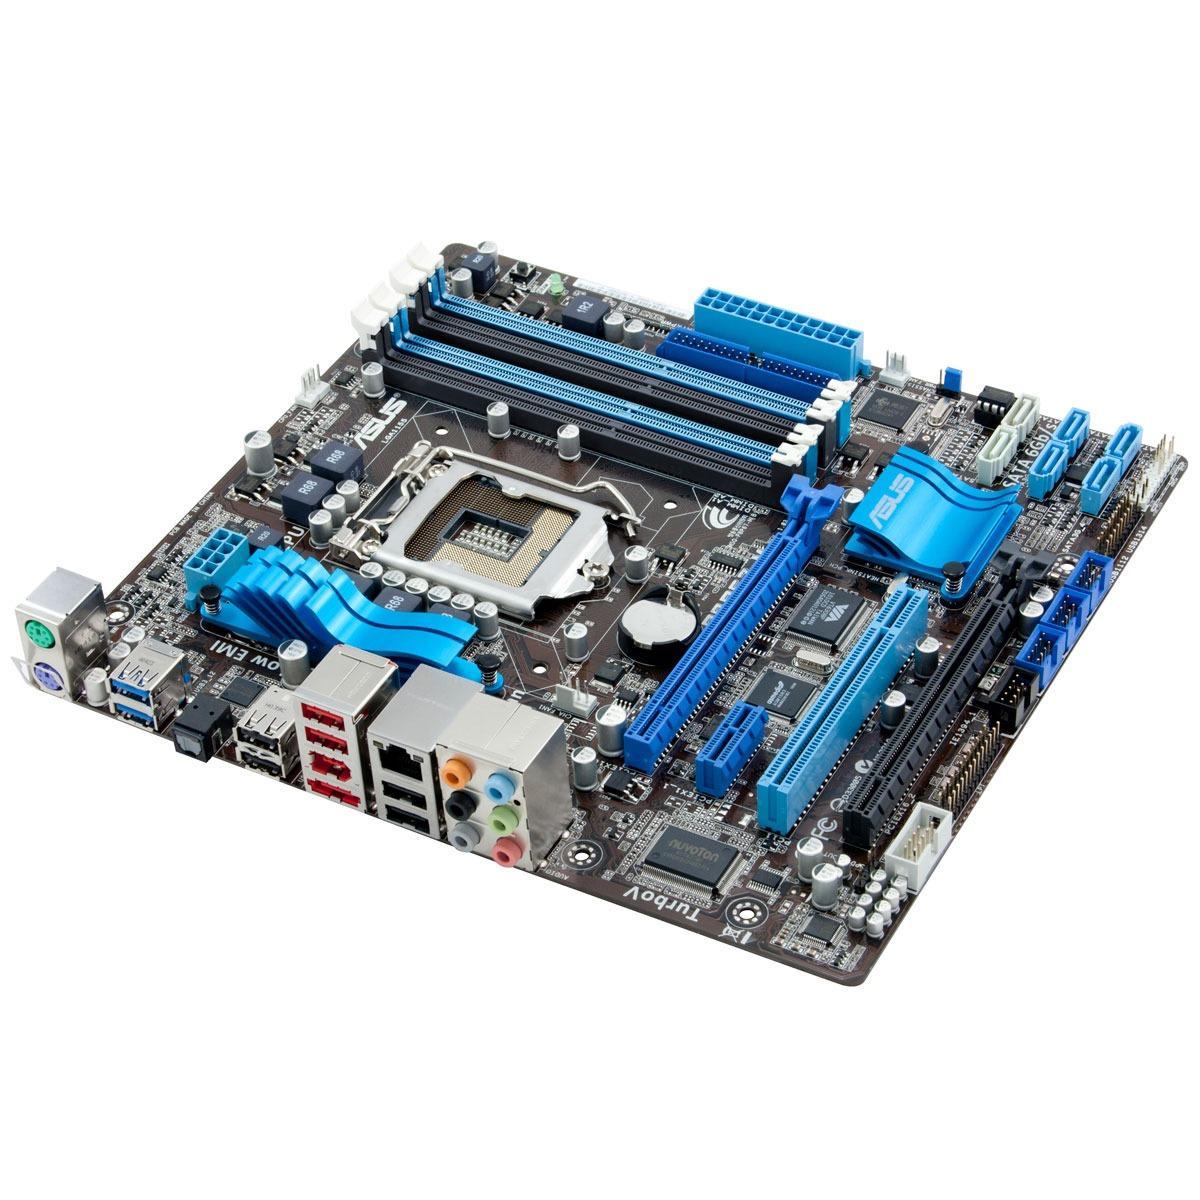 Carte mère ASUS P8P67-M + Windows 7 Premium Carte mère Micro ATX Socket 1155 Intel P67 Express + Microsoft Windows 7 Édition Familiale Premium SP1 OEM 64 bits